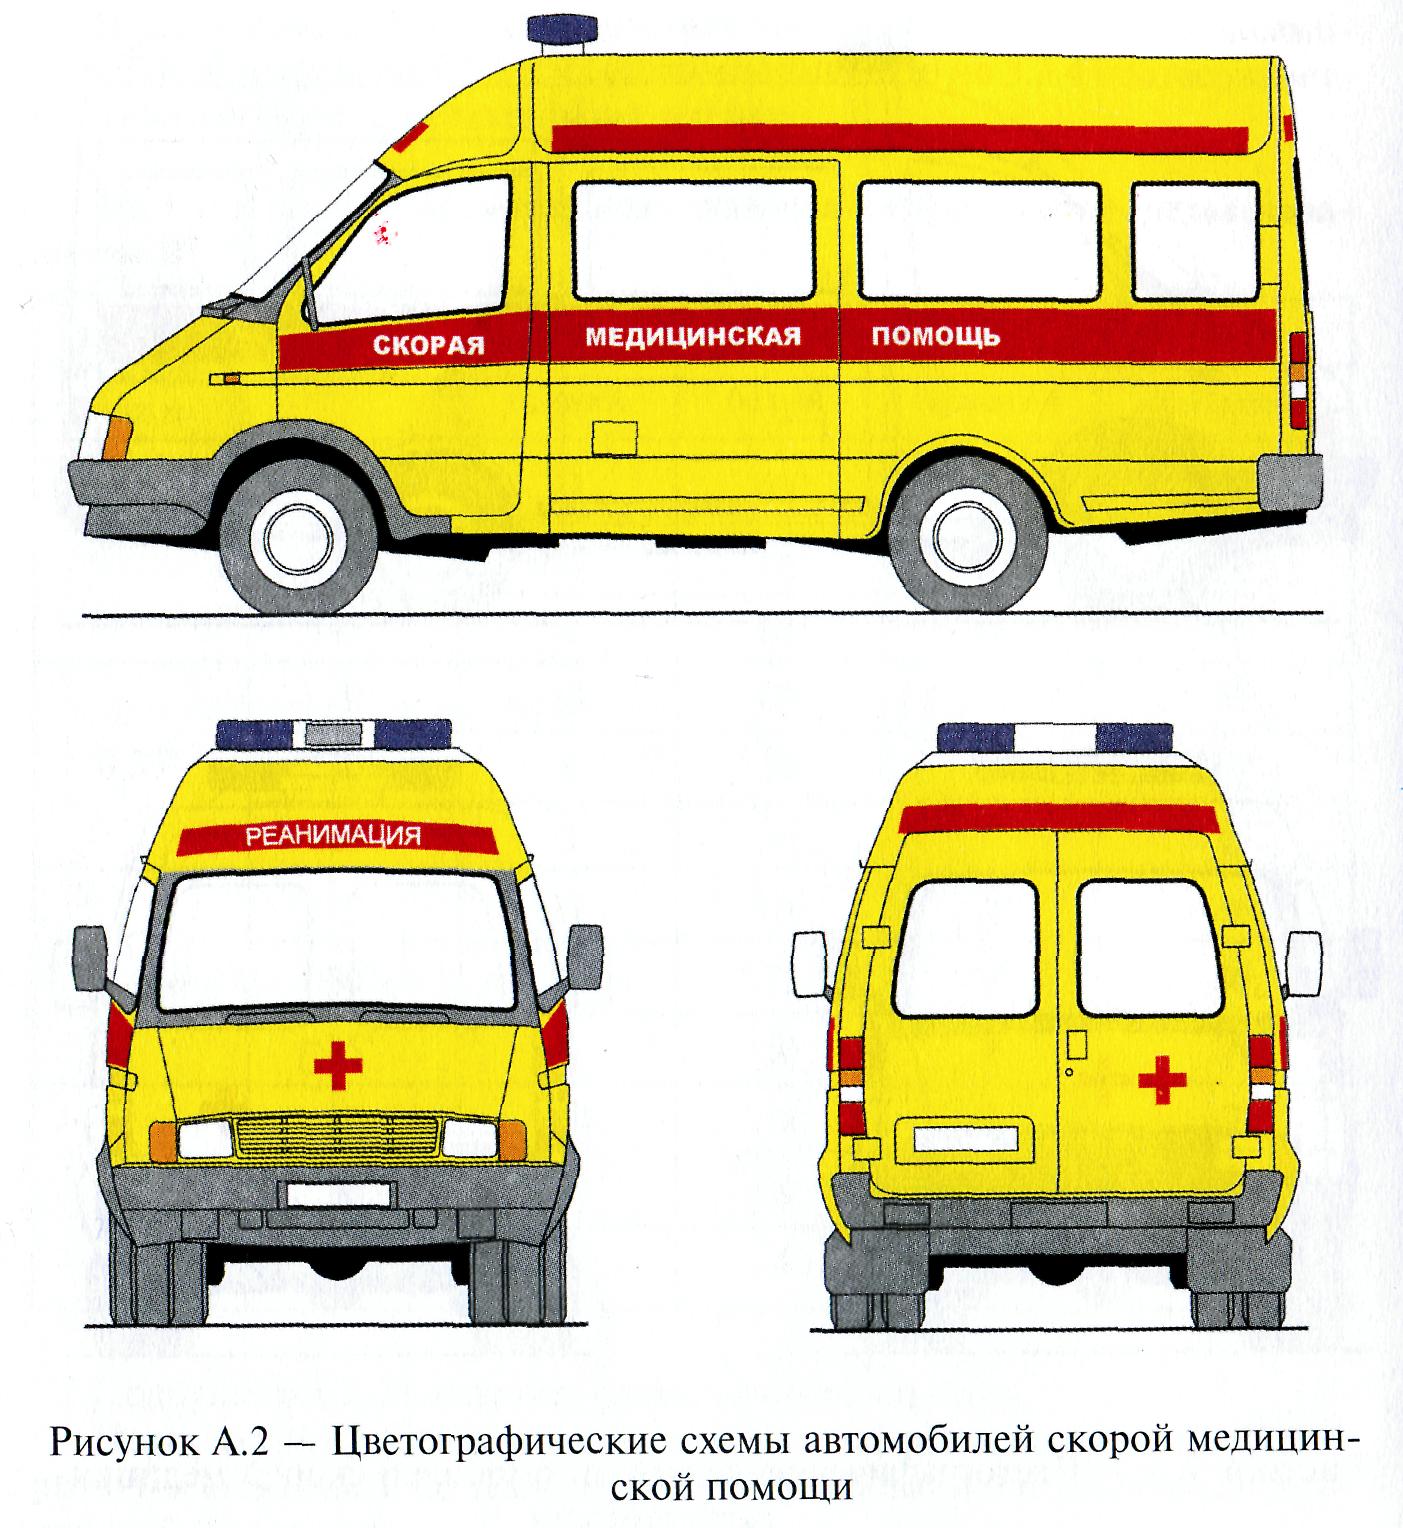 РИСУНОК А.2. ПРИЛОЖЕНИЕ А. ГОСТ Р 50574-2002